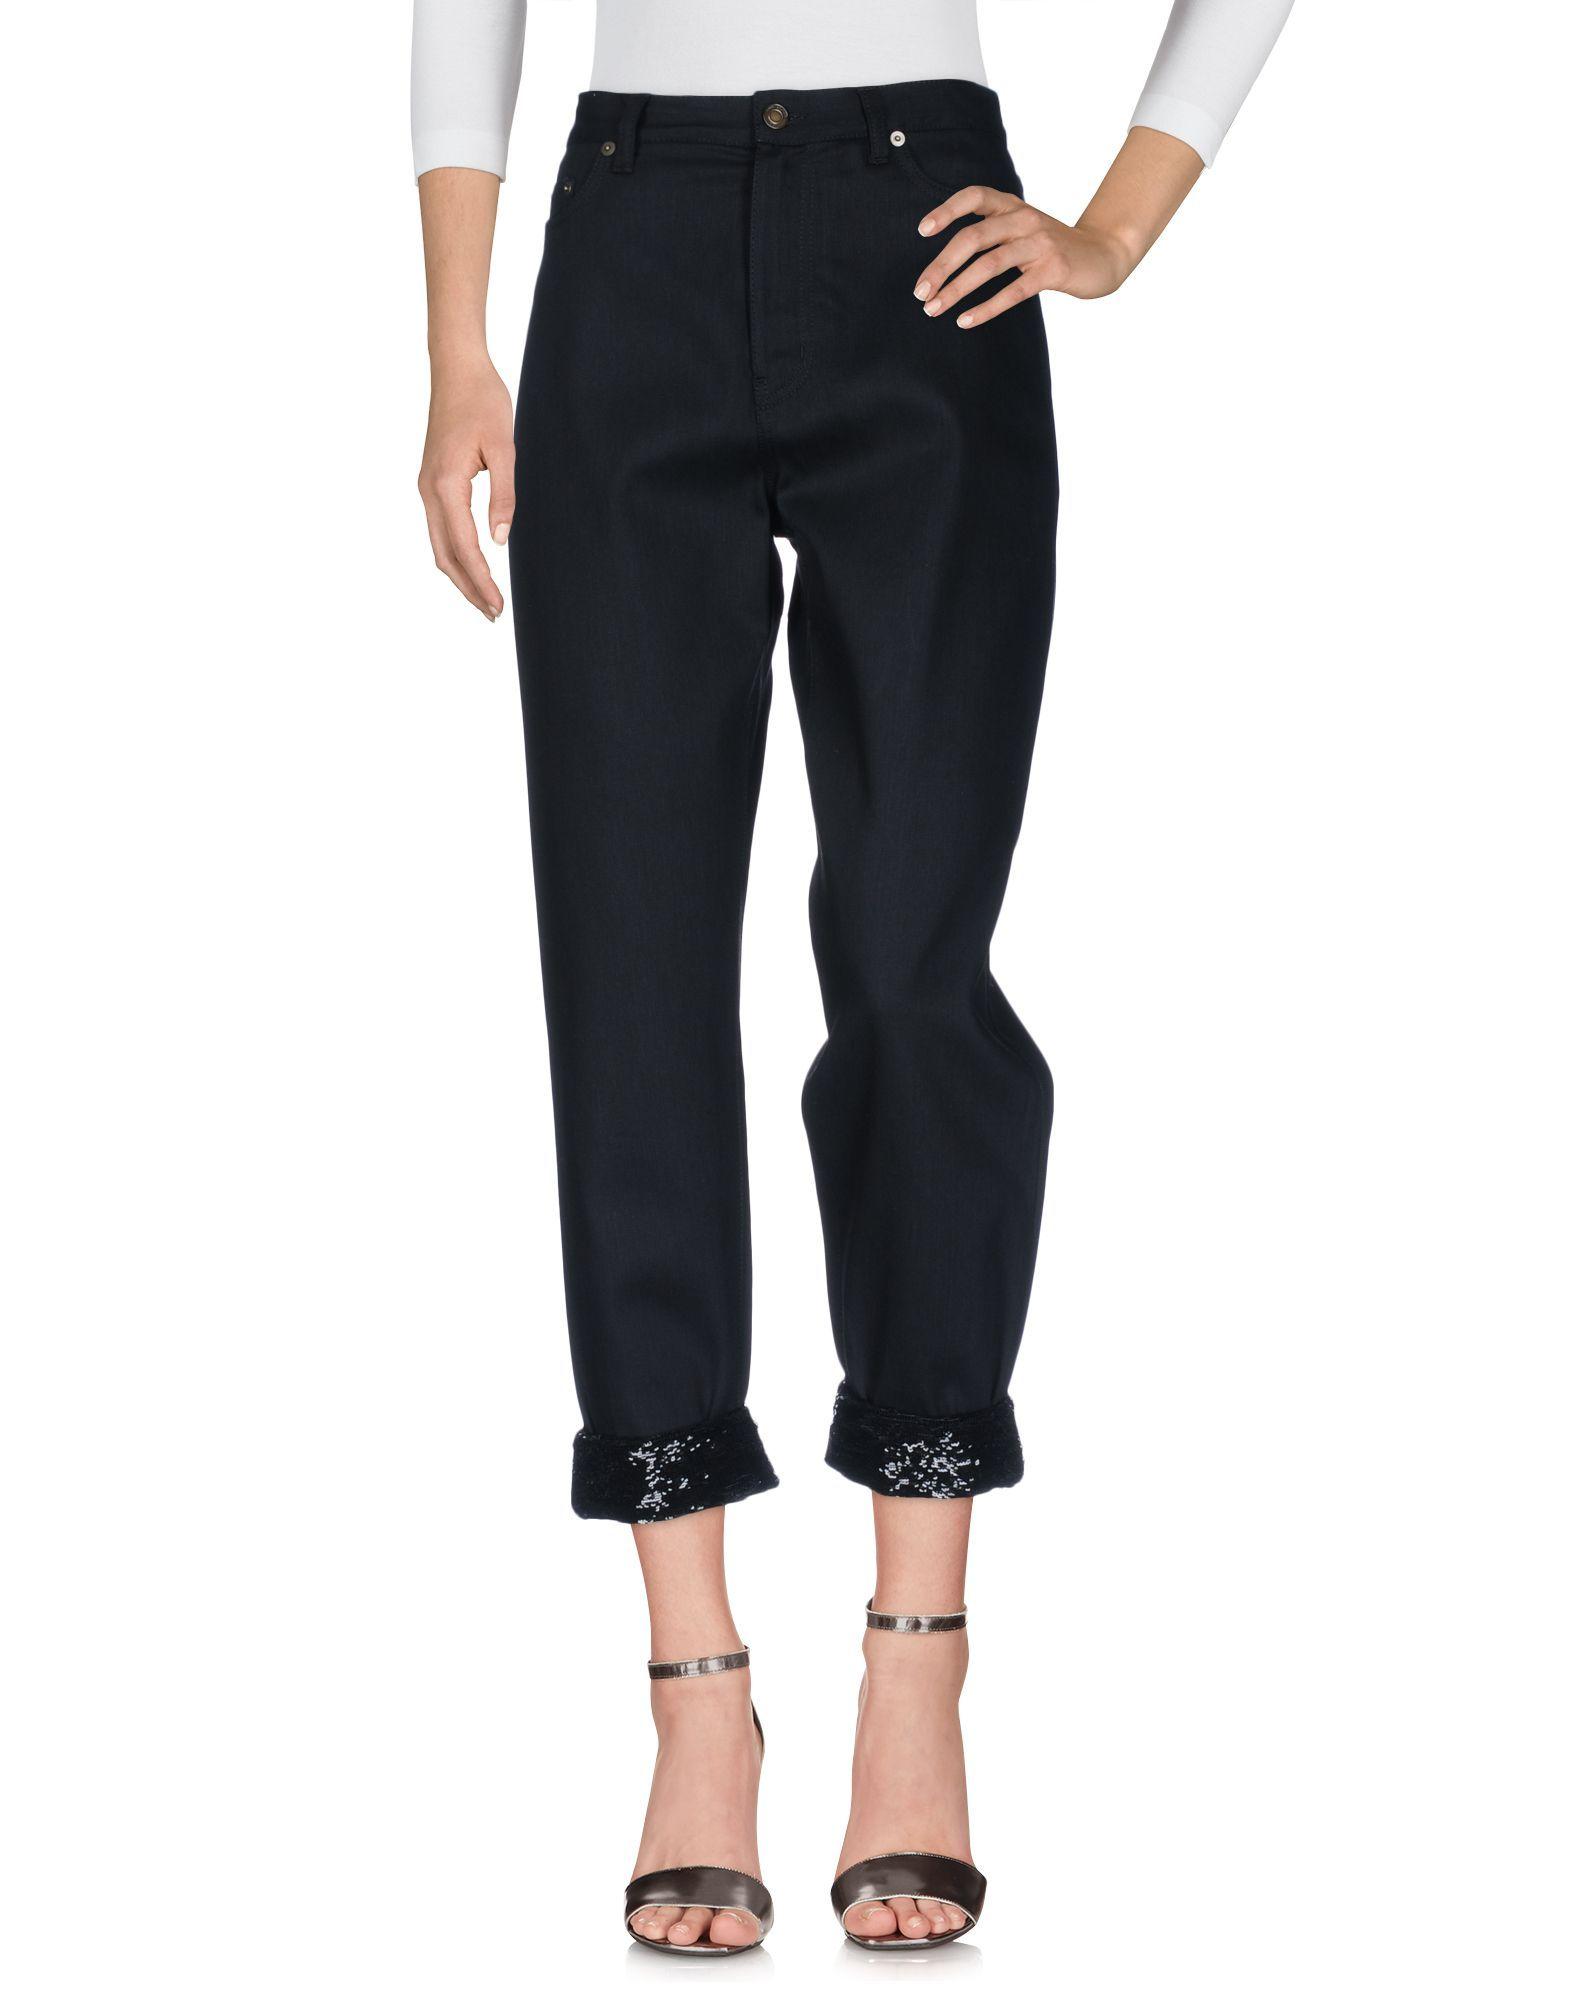 Saint Laurent Women's Denim Trousers Cotton